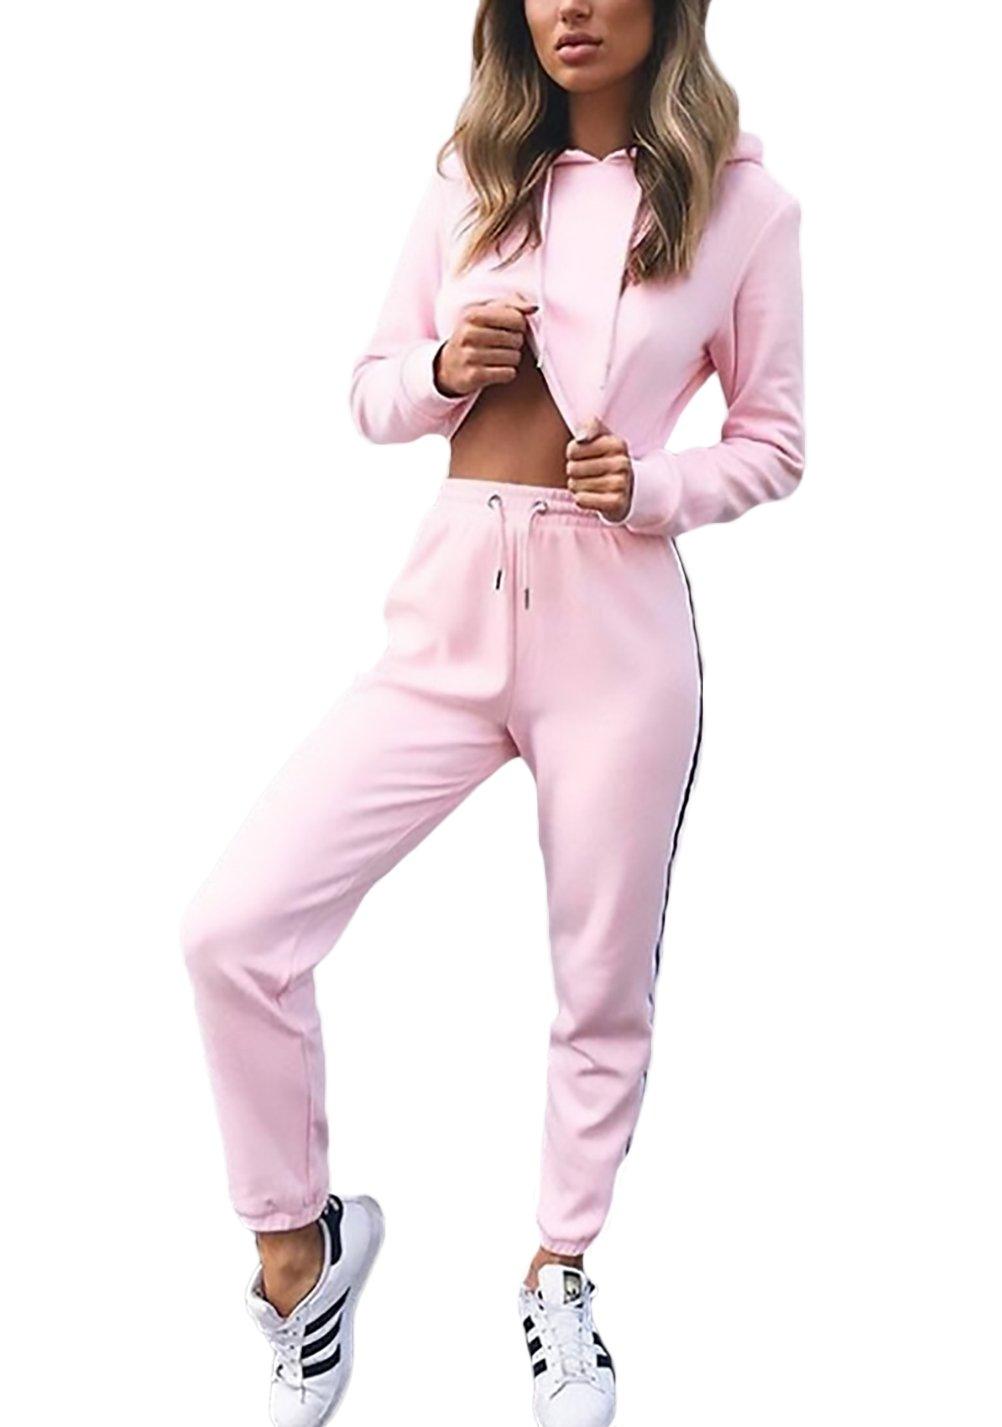 7b9c2eff1f91 Lannister Fashion Donna Tuta da Ginnastica 2 Pezzi Felpa con  Cappuccio+Lungo Pantaloncini Sportiva Crop Top+Pantaloni Eleganti Casuali  Autunno Inverno A ...